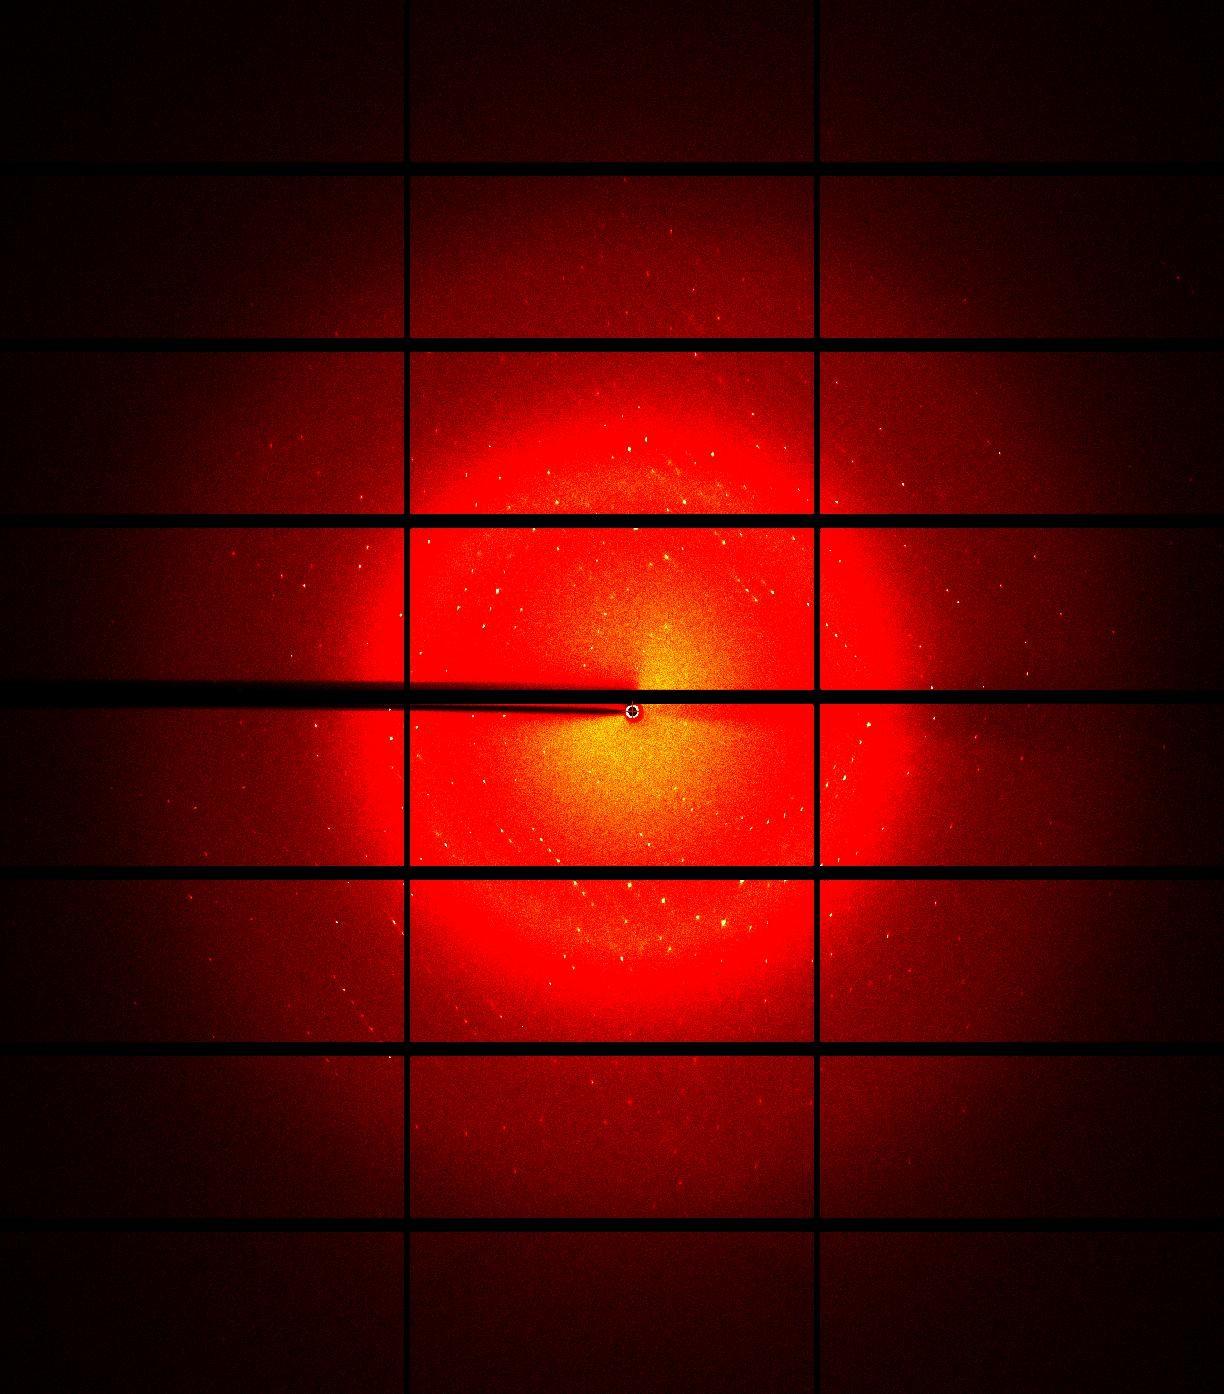 Padrão de difração do cristal de 3CL protease SARS-CoV-2, quando submetido ao feixe de luz gerado pelo Sirius (Foto: CNPEM)